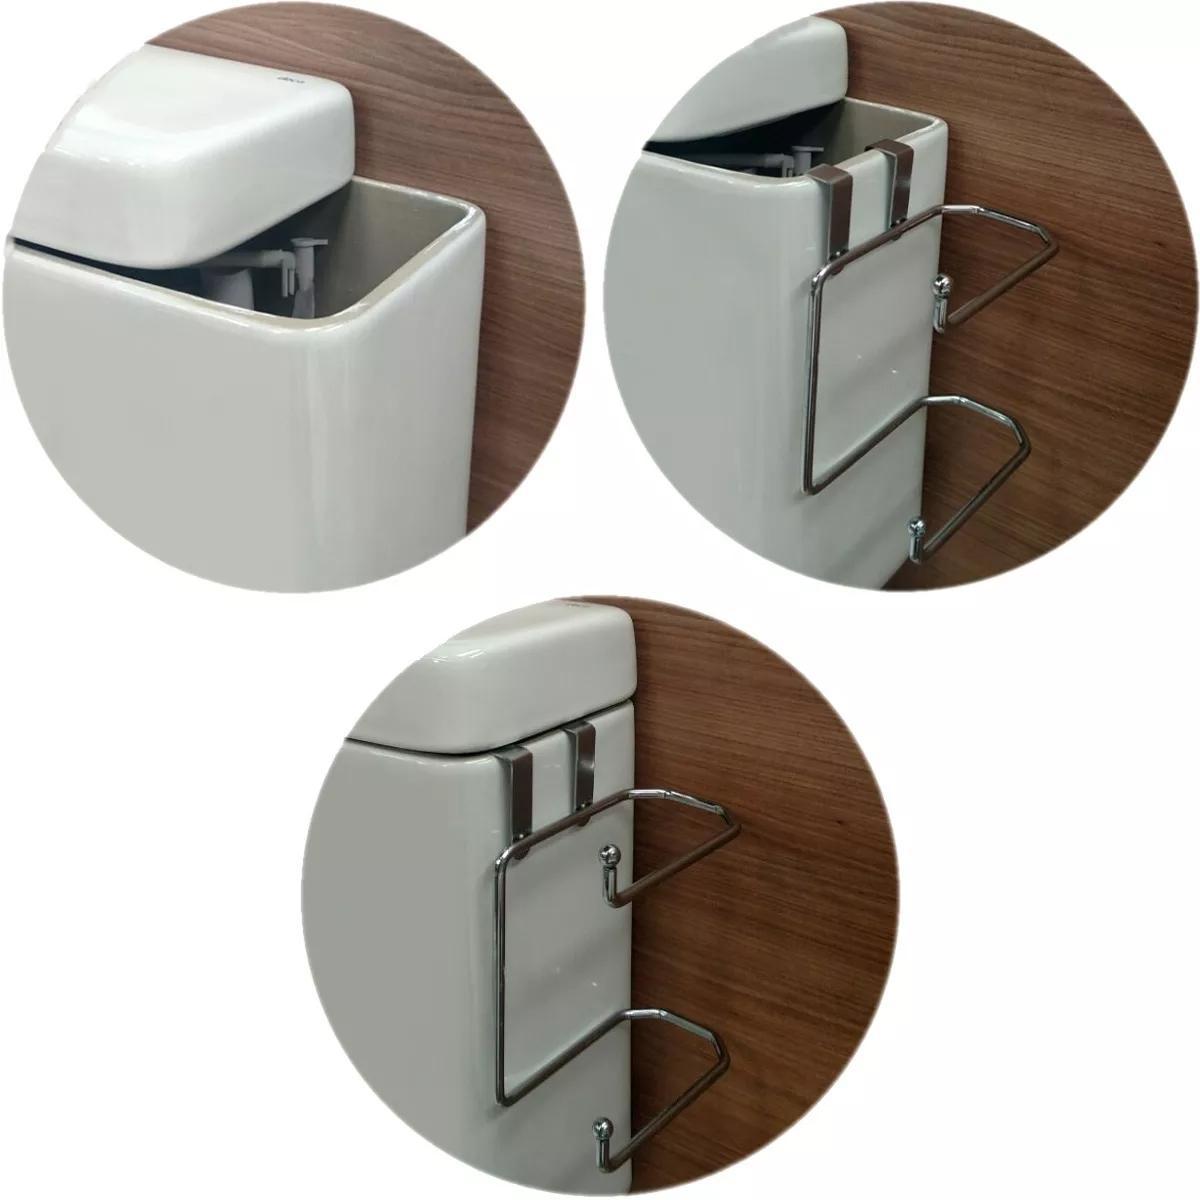 1f406dba3 Kit Banheiro Toalheiro 45cm Box Suporte Porta Papel Descarga - Zanline R   71